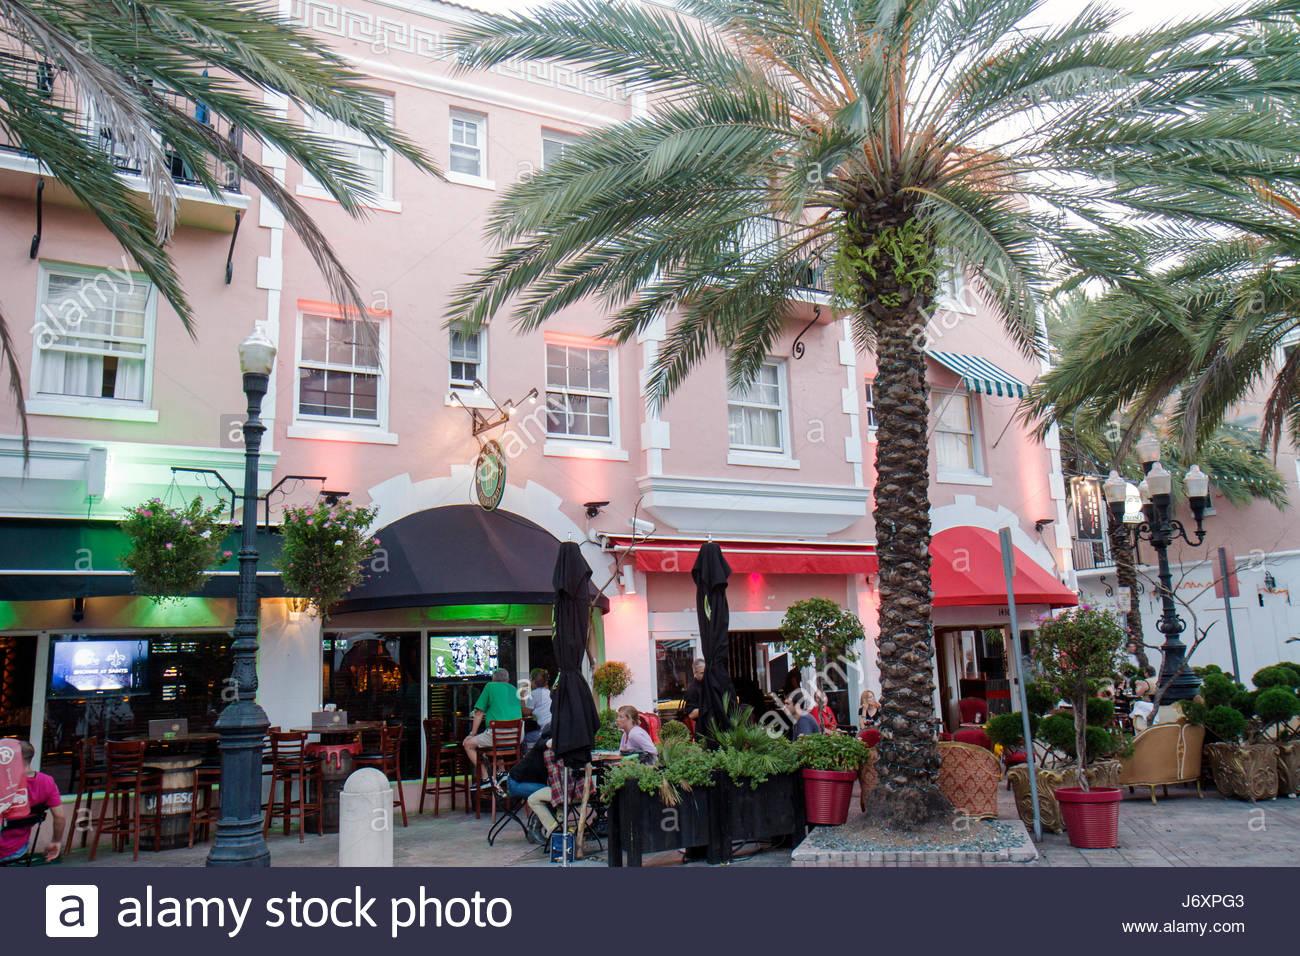 Restaurants On Espanola Way South Stockfotos & Restaurants On ...